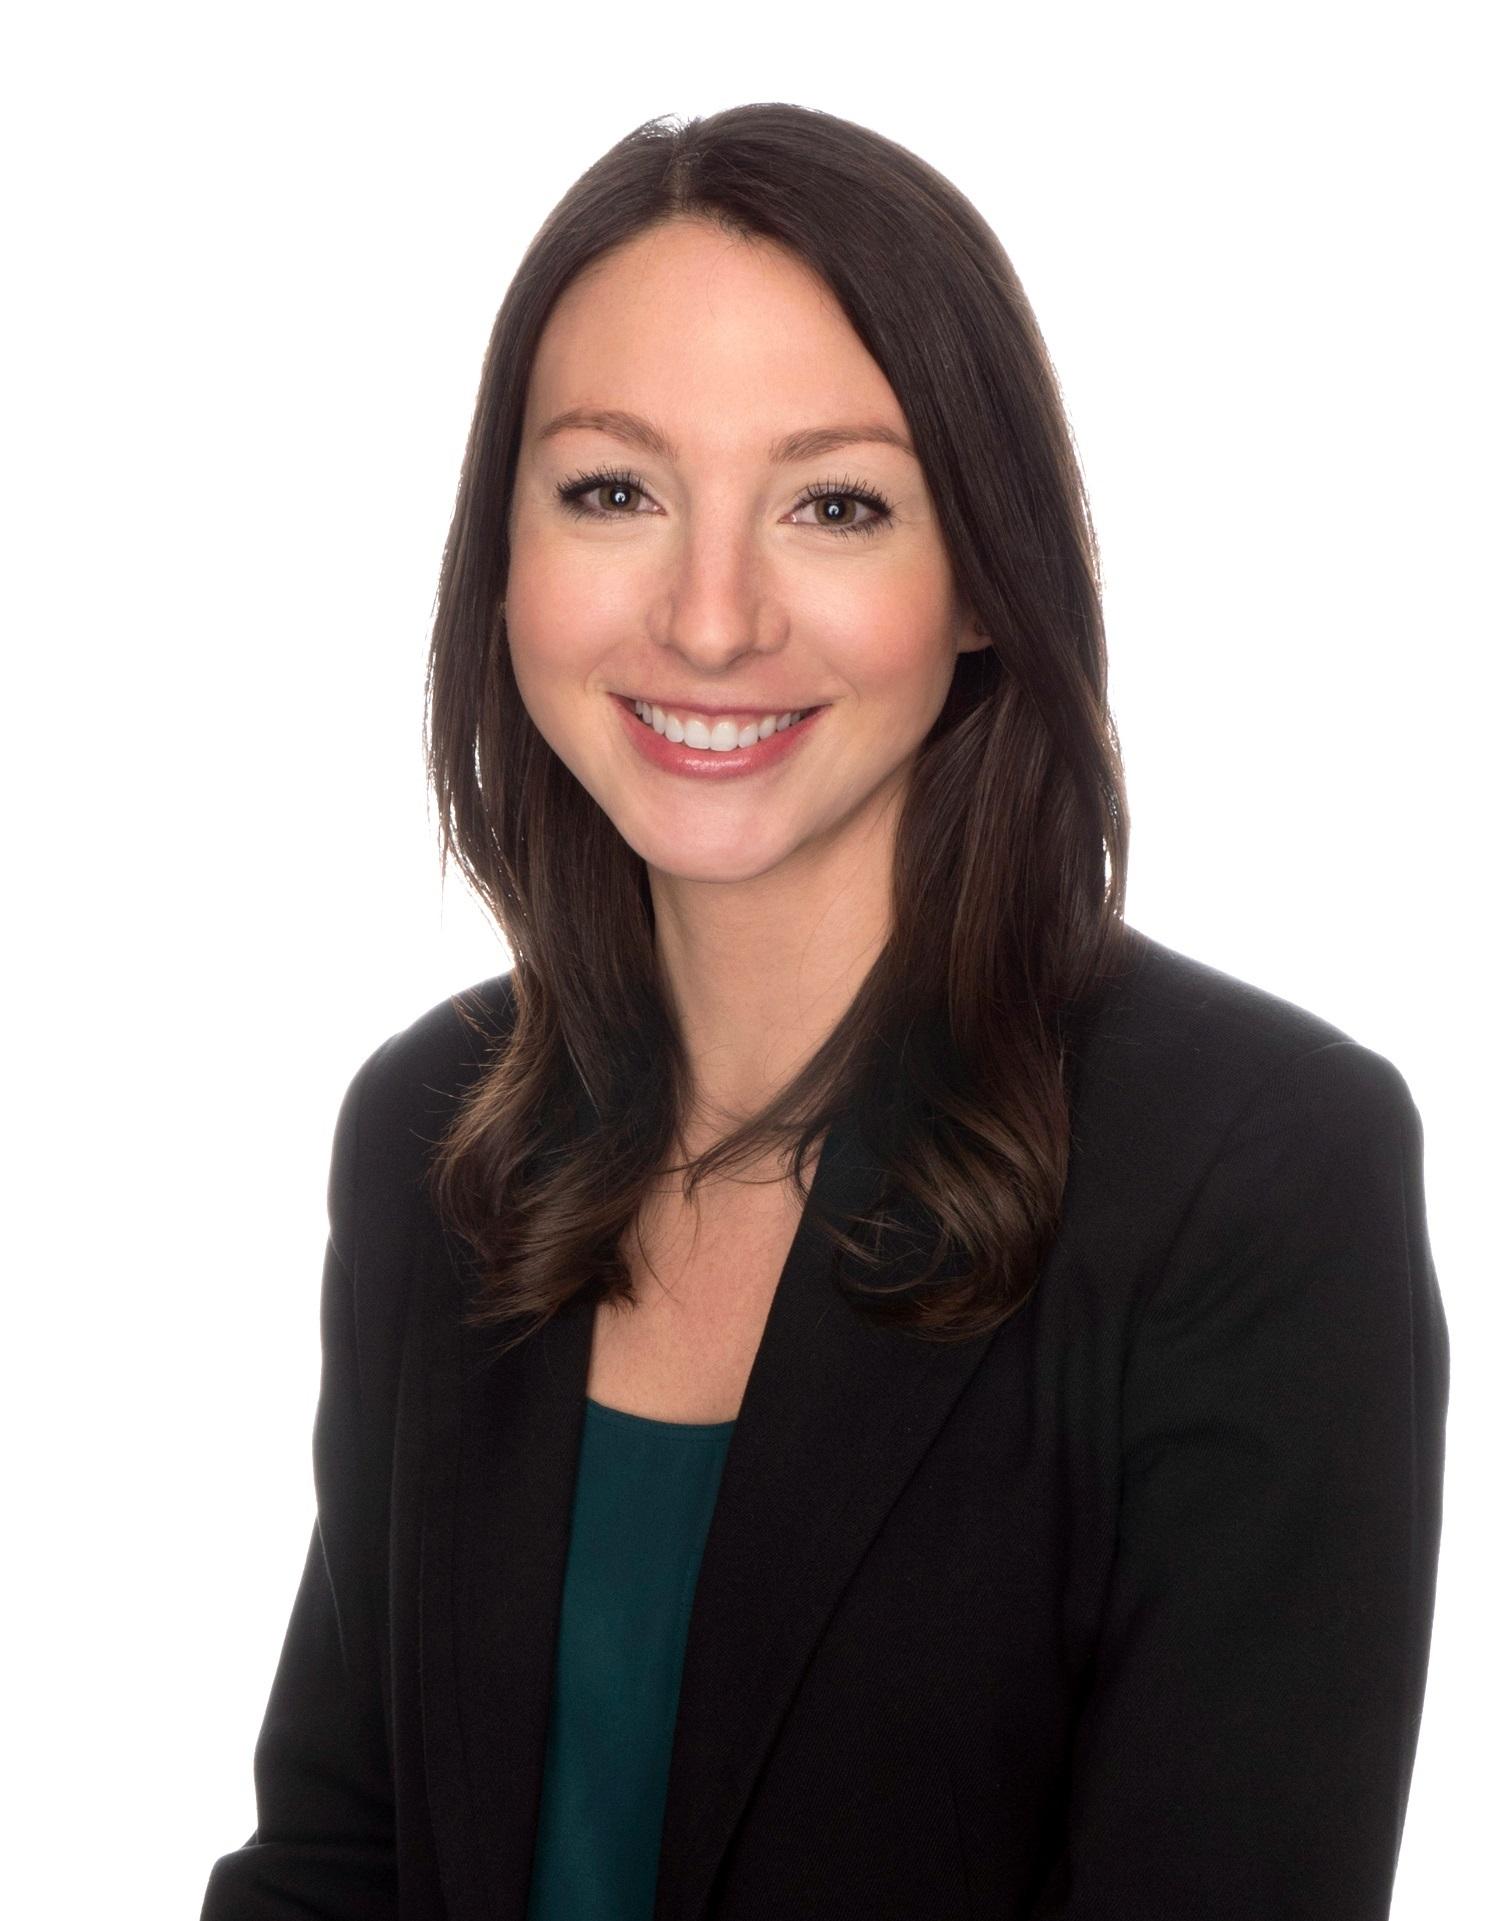 Laura Koontz